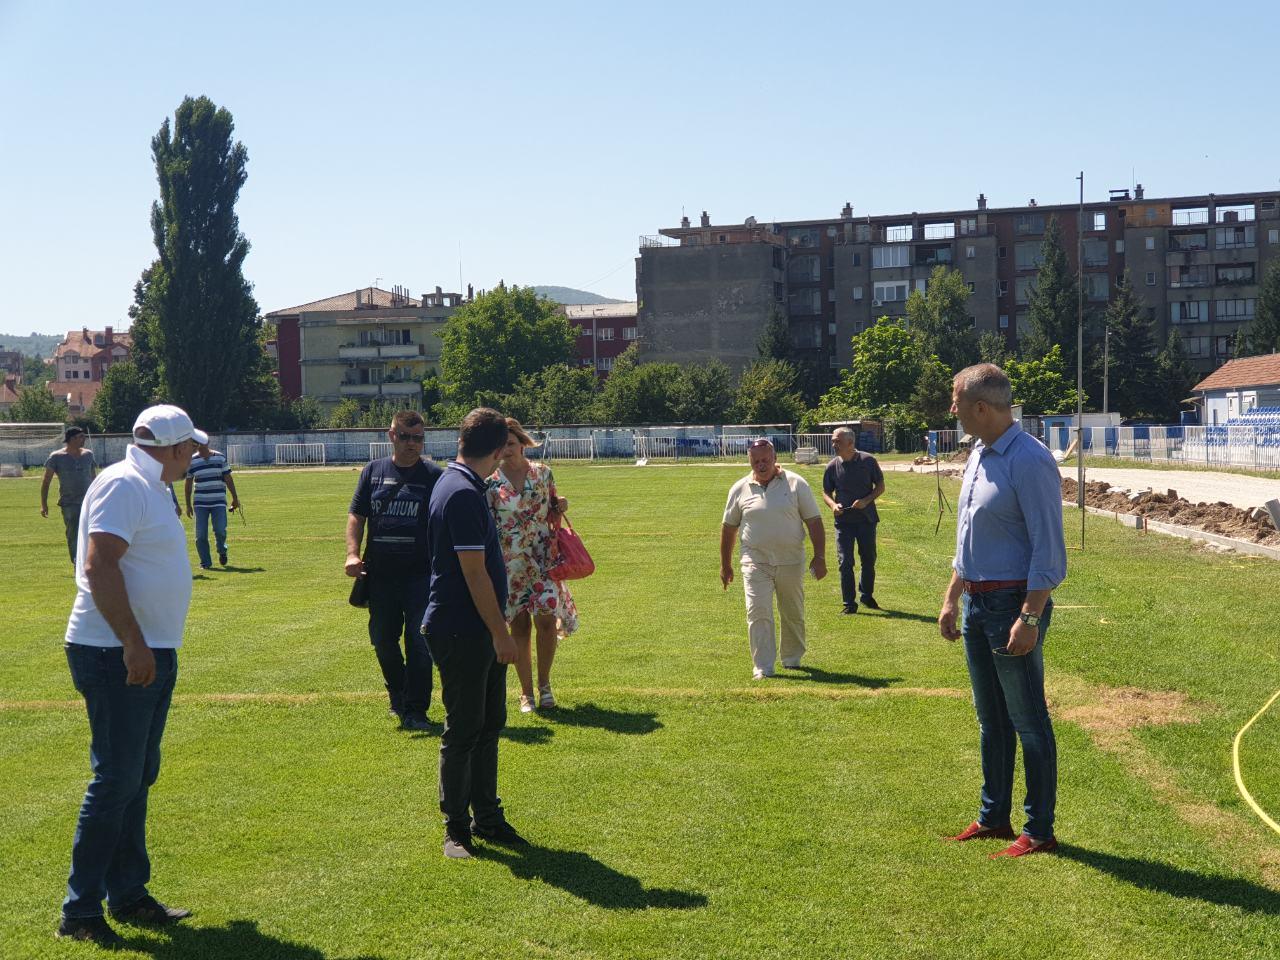 Predsednik obilazi radove na sportskom terenu, foto: M.N.